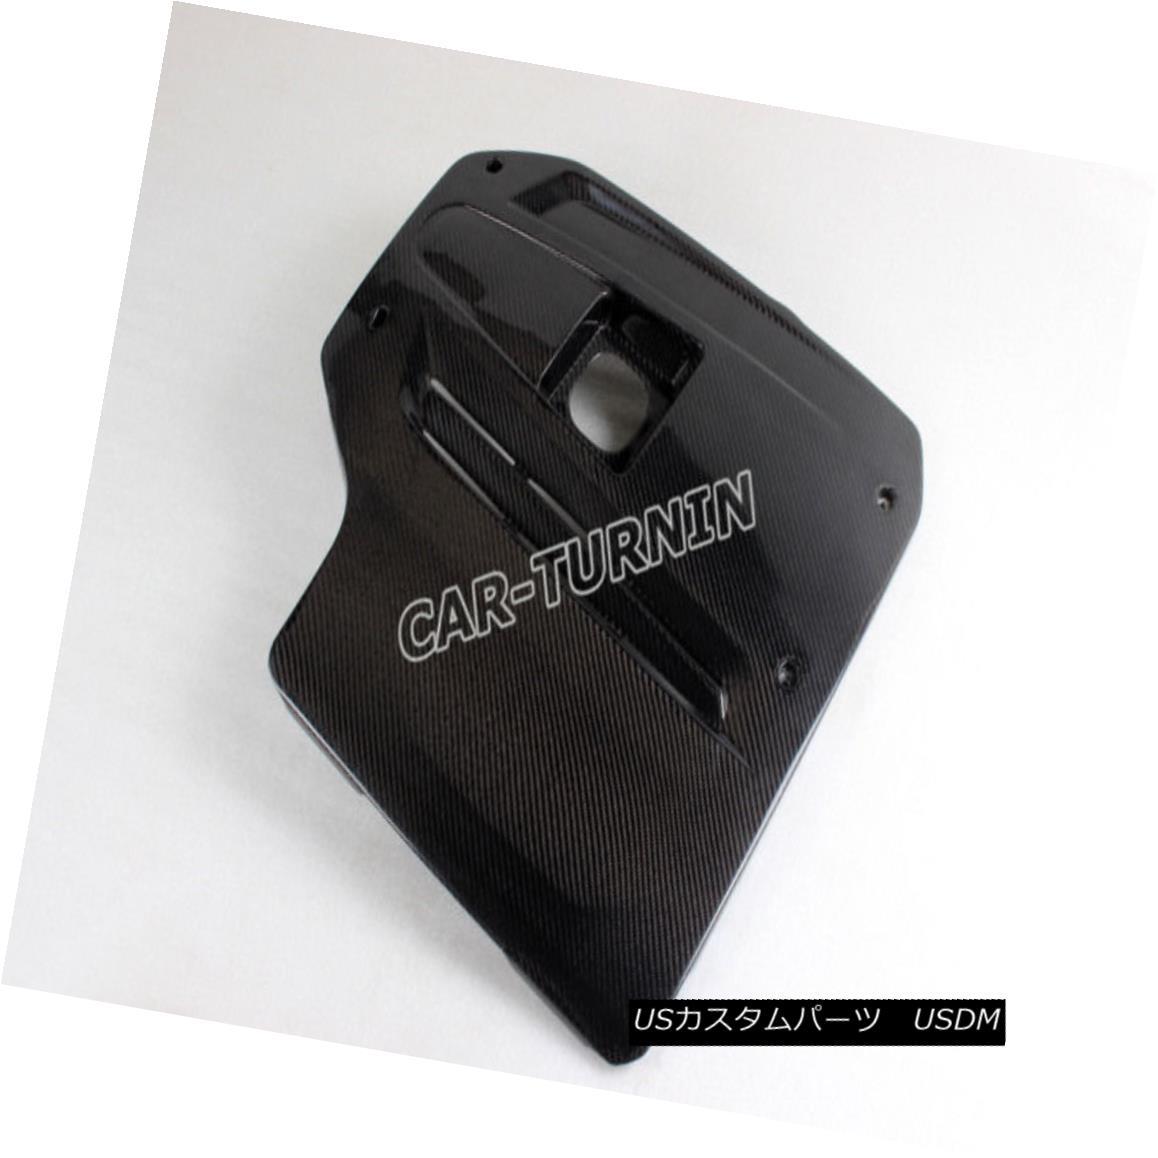 エアロパーツ Engine Value Cover Hood Carbon Fiber Fit for BMW 5 Series Base Sedan F10 11-12 エンジン値カバーフードカーボンファイバーBMW 5シリーズベースセダンF10用11-12